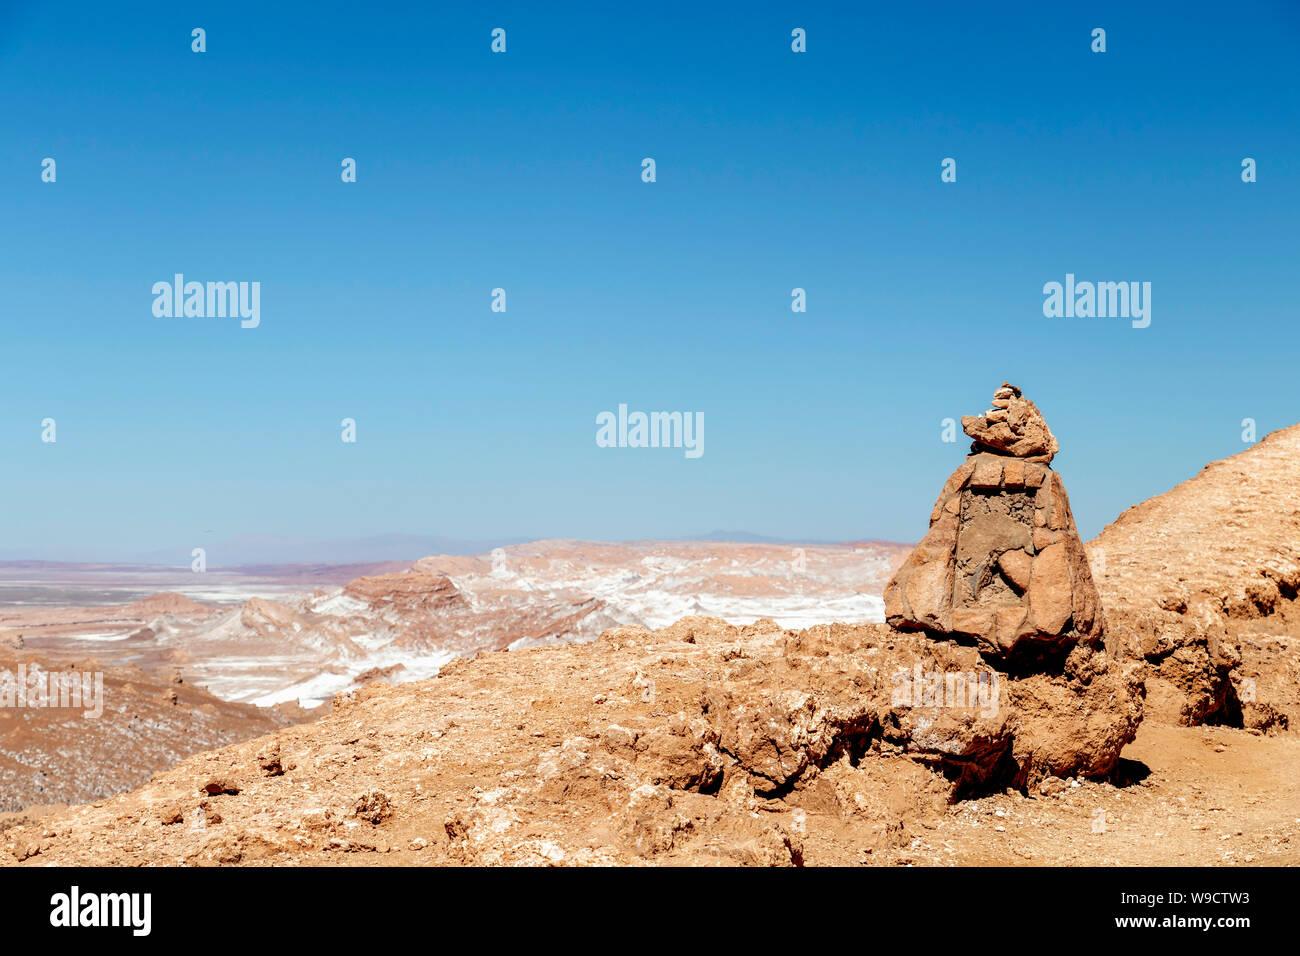 Paysage de désert d'Atacama au Chili: la vallée de la Lune (Valle de la Luna), formation géologique de la pierre et le sable situé dans la montagne de sel Banque D'Images